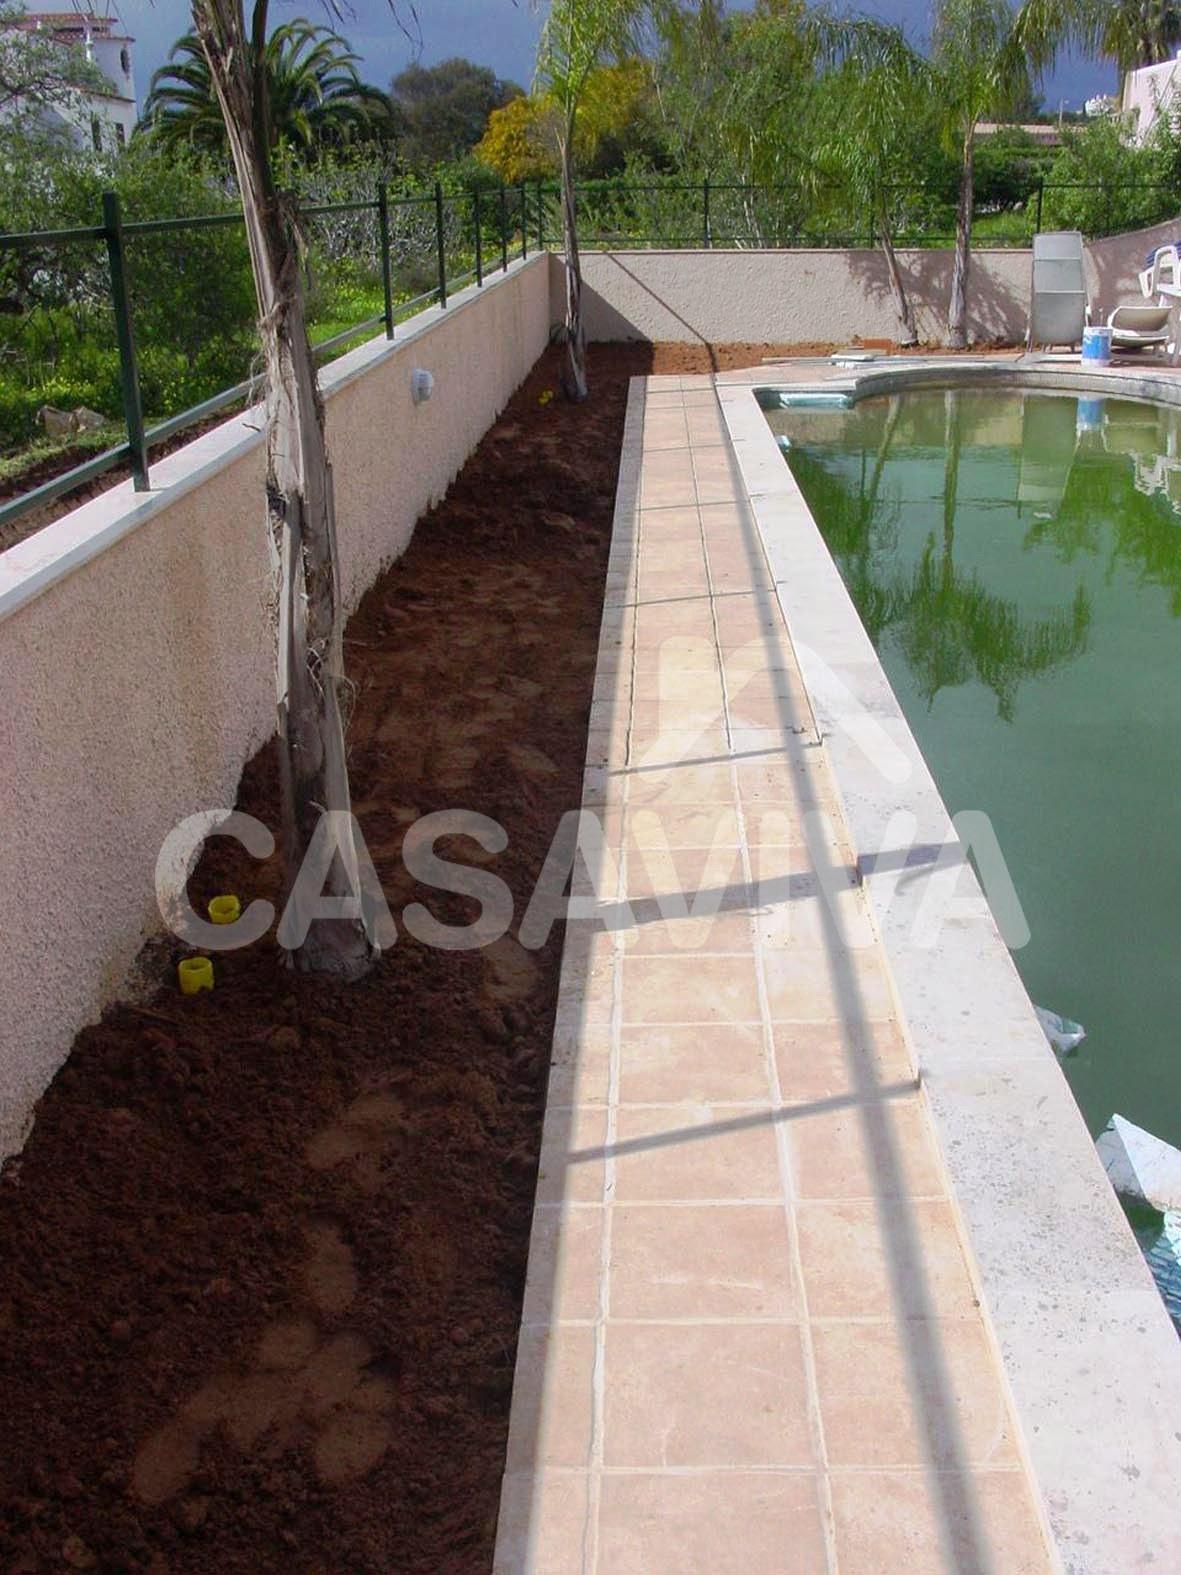 Pavimento envolvente da piscina com revestimento em mosaico e zona a ajardinar.